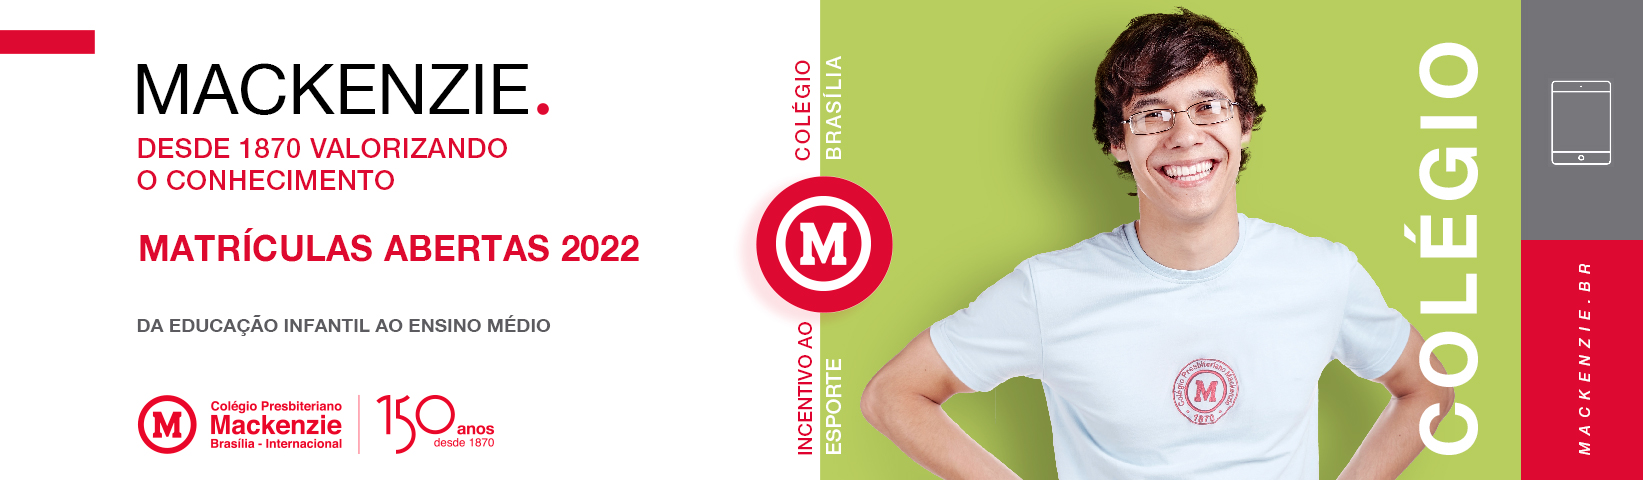 Colégio Presbiteriano Mackenzie Brasília. Matrículas Abertas 2022. Mackenzie. Desde 1870 valorizando o conhecimento